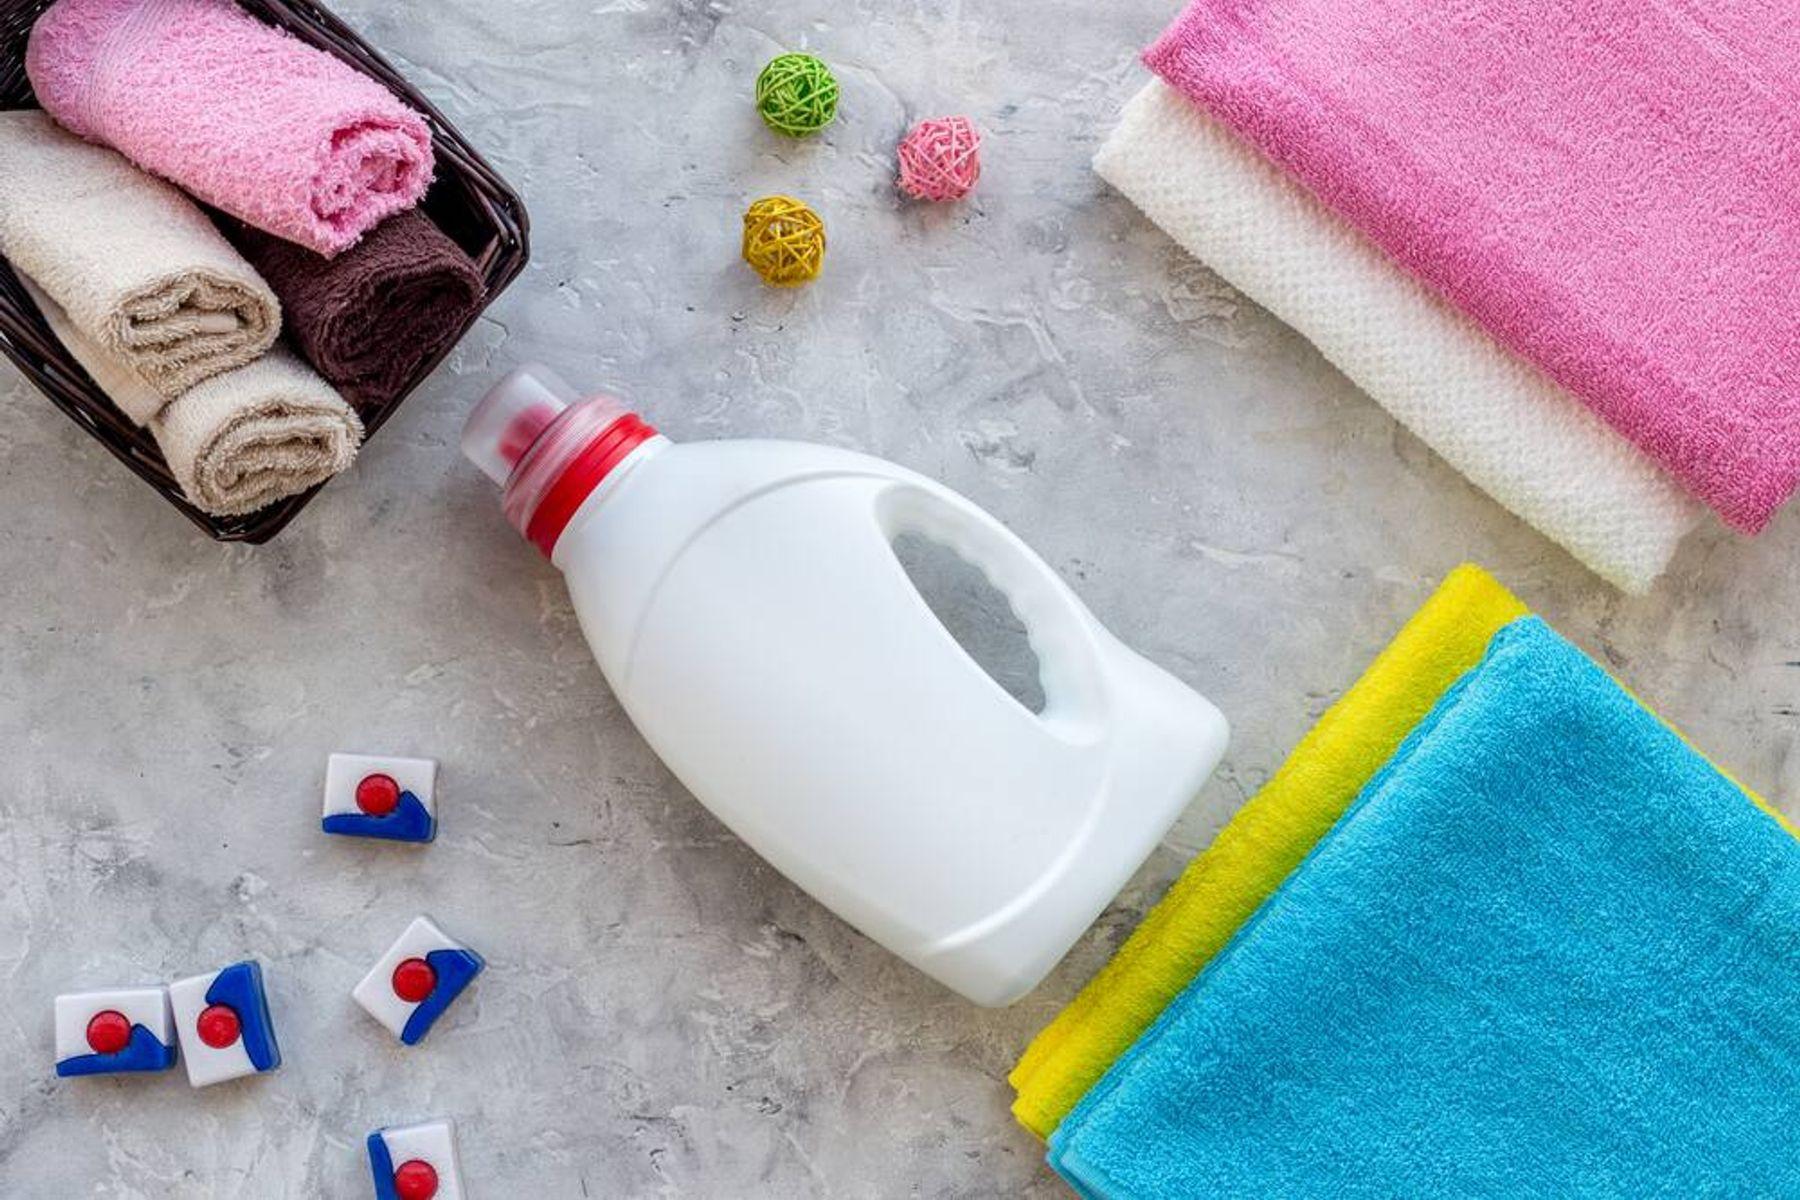 Lý do vải bị thô ráp sau mỗi lần giặt